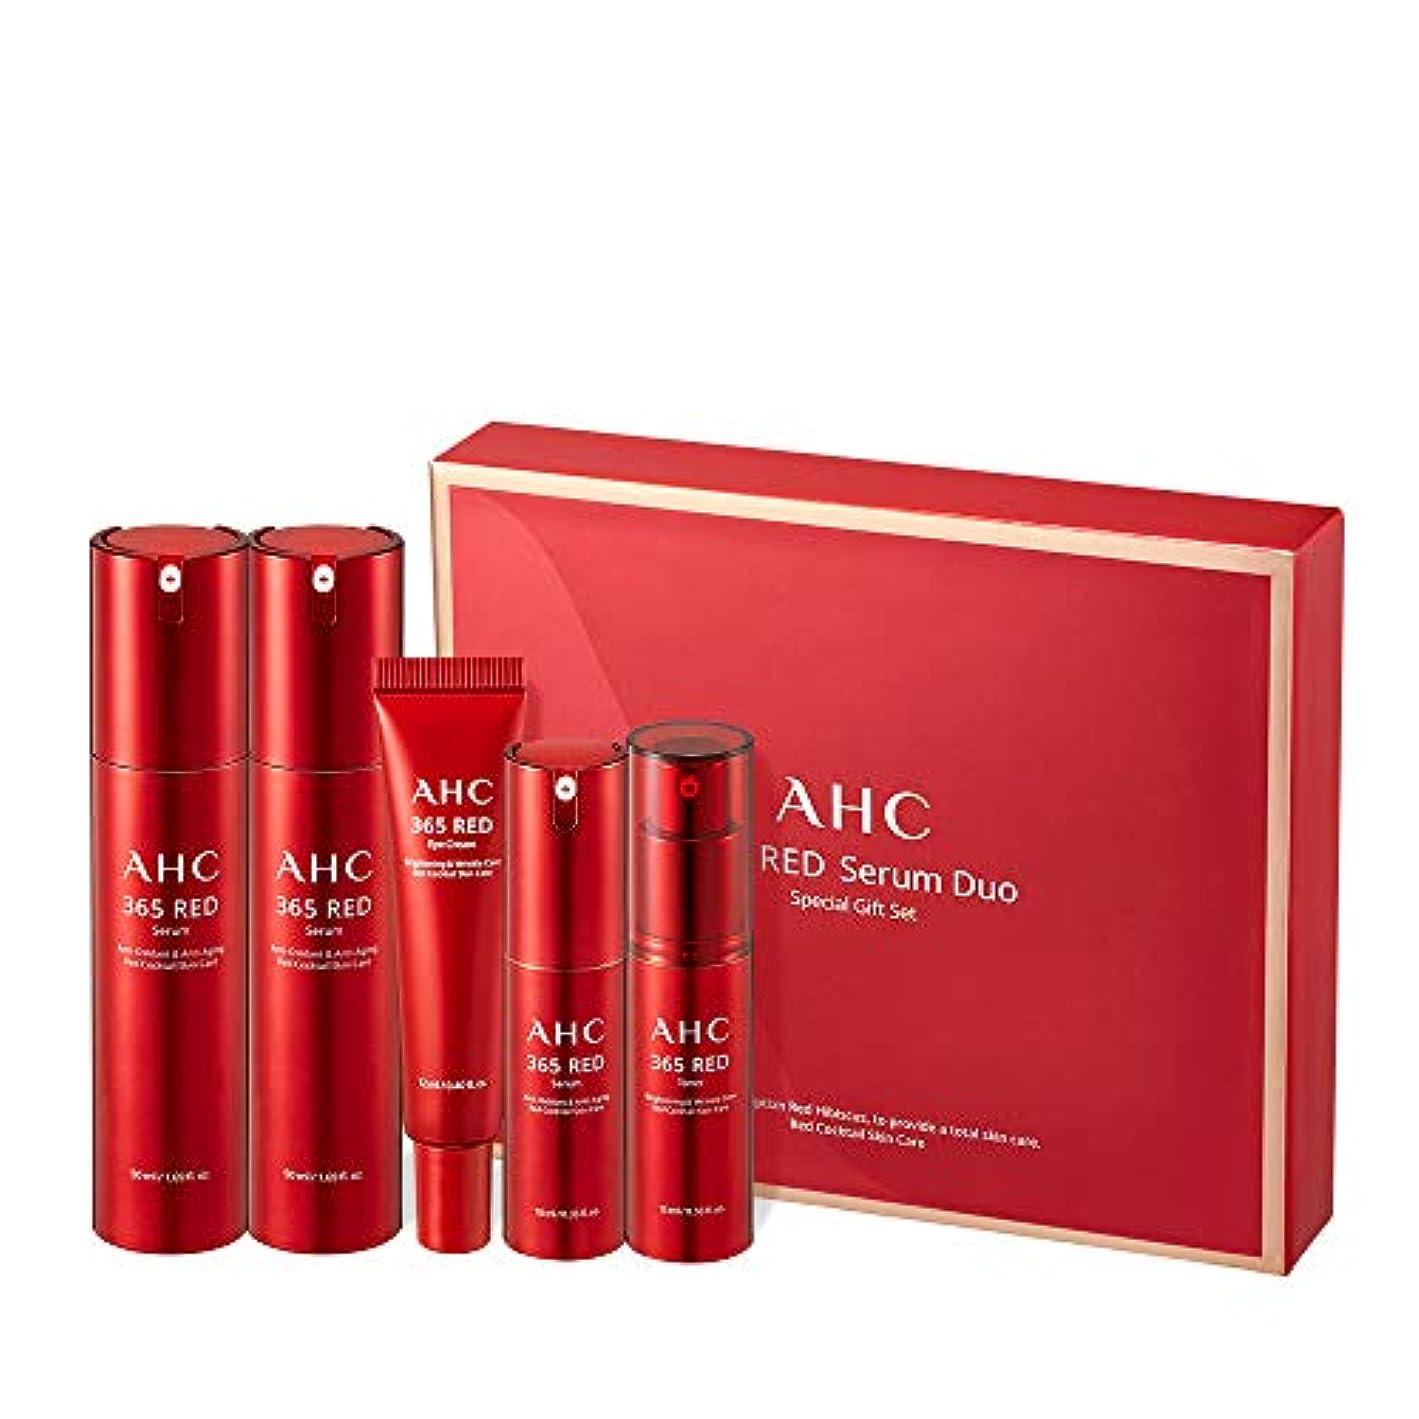 今まで名詞実行するAHC 365 Red Serum Duo Special Gift Set レッド血清デュオスペシャルセット Anti-Aging Total Care 韓国化粧品 Korean Beauty Set